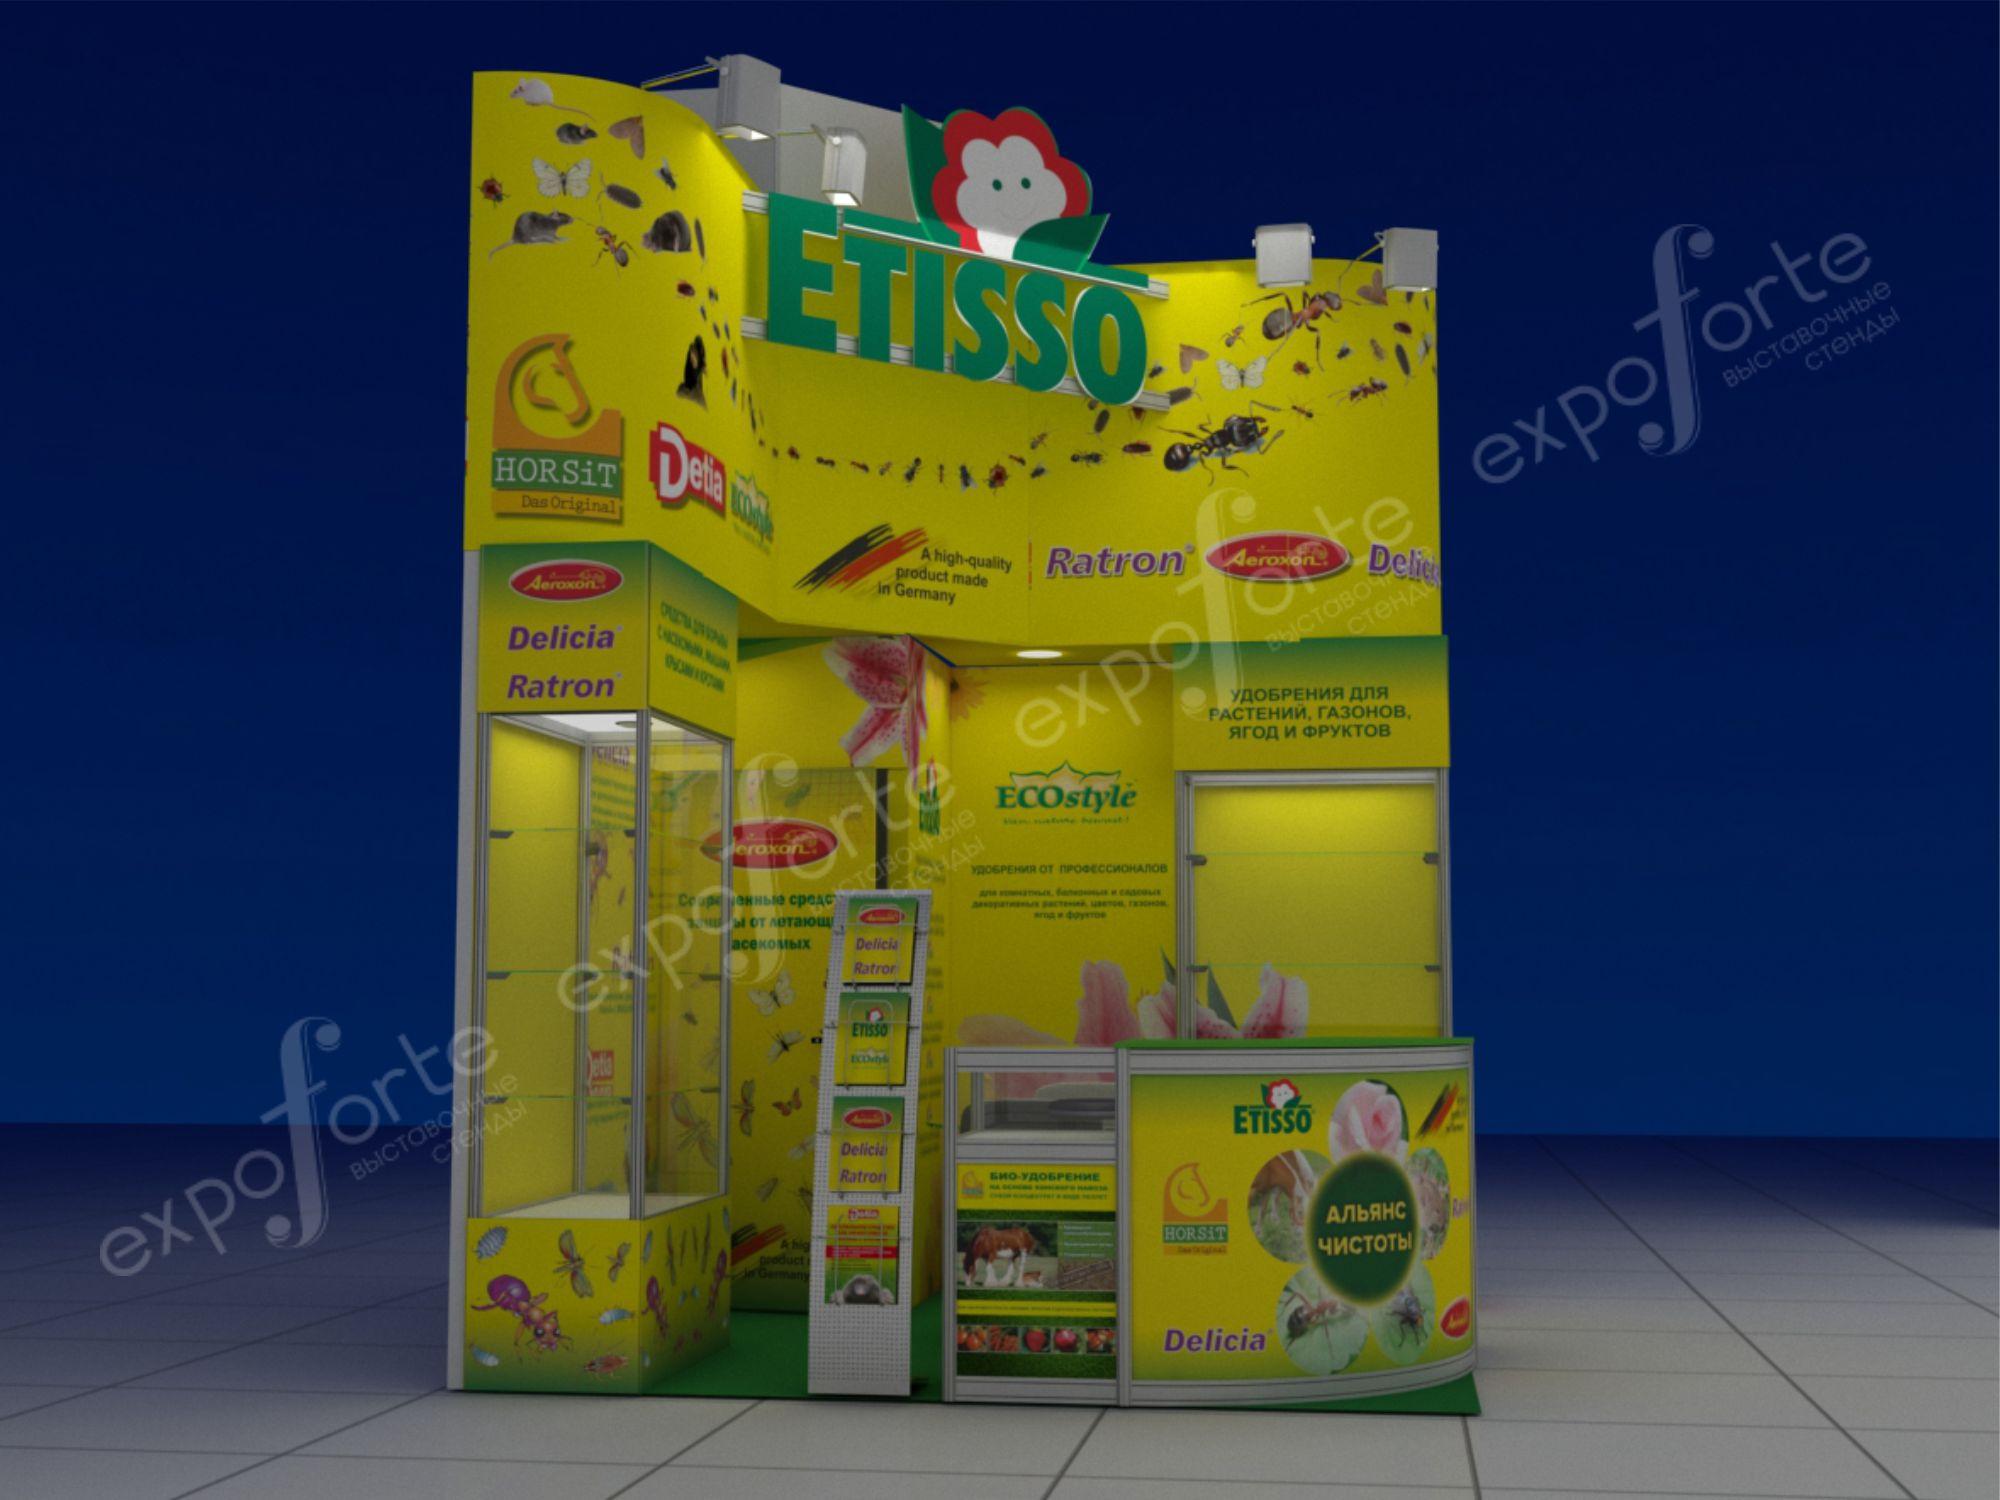 Фото: ETISSO, выставка ЦВЕТЫ – картинка 2